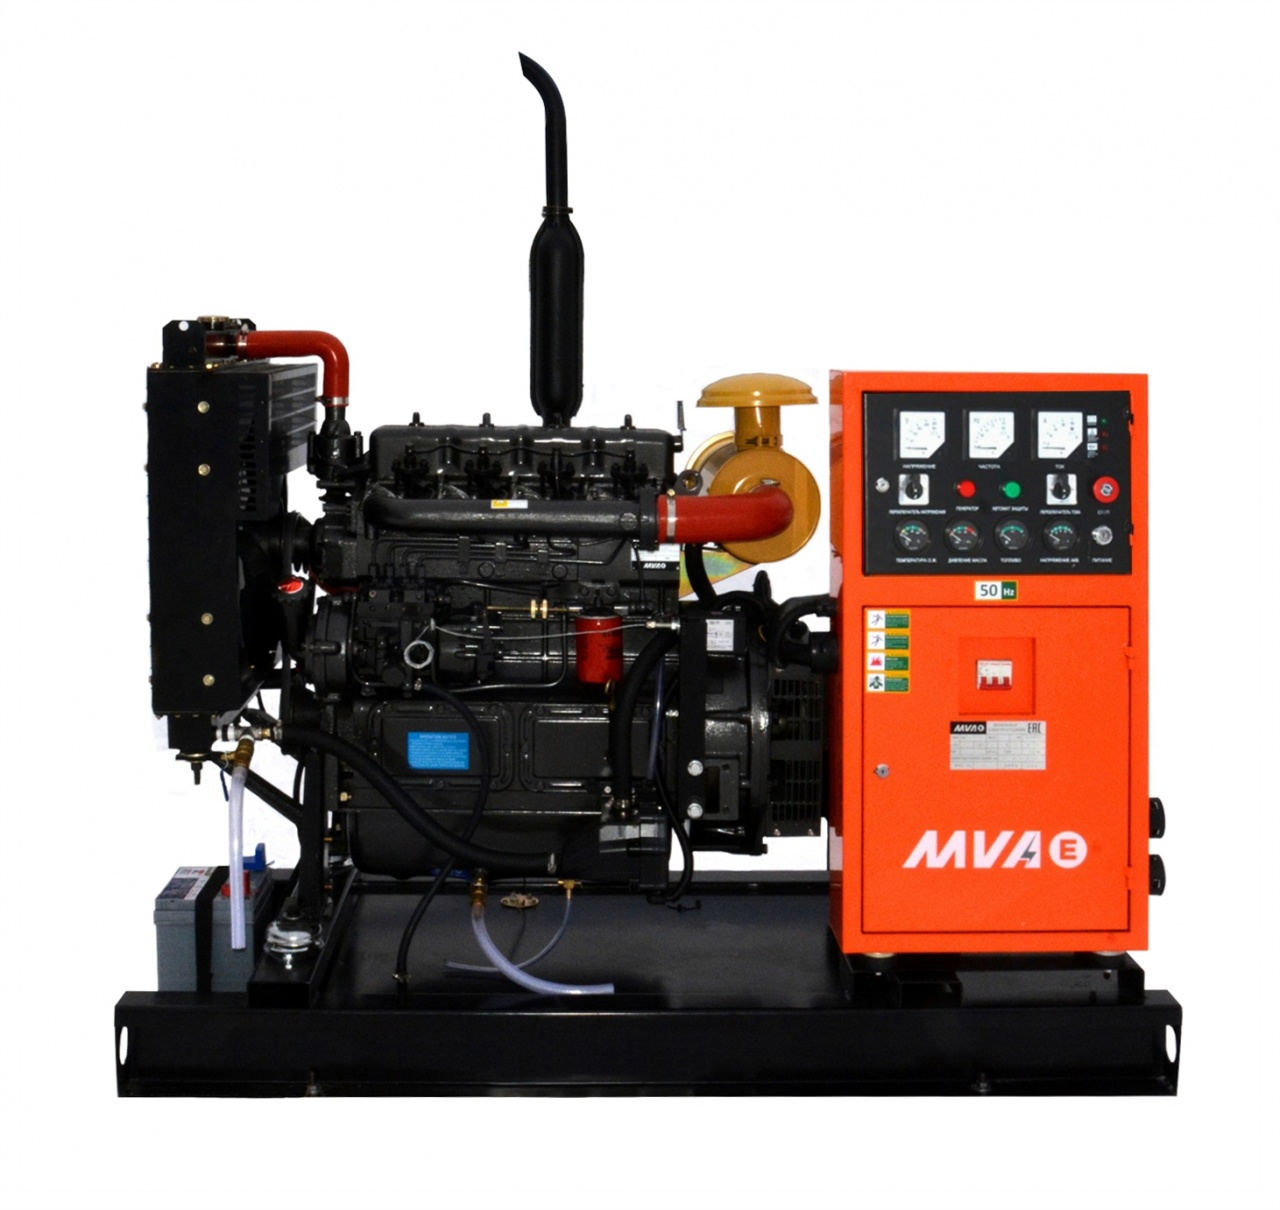 дизельная электростанция mvae ад-20-400-р